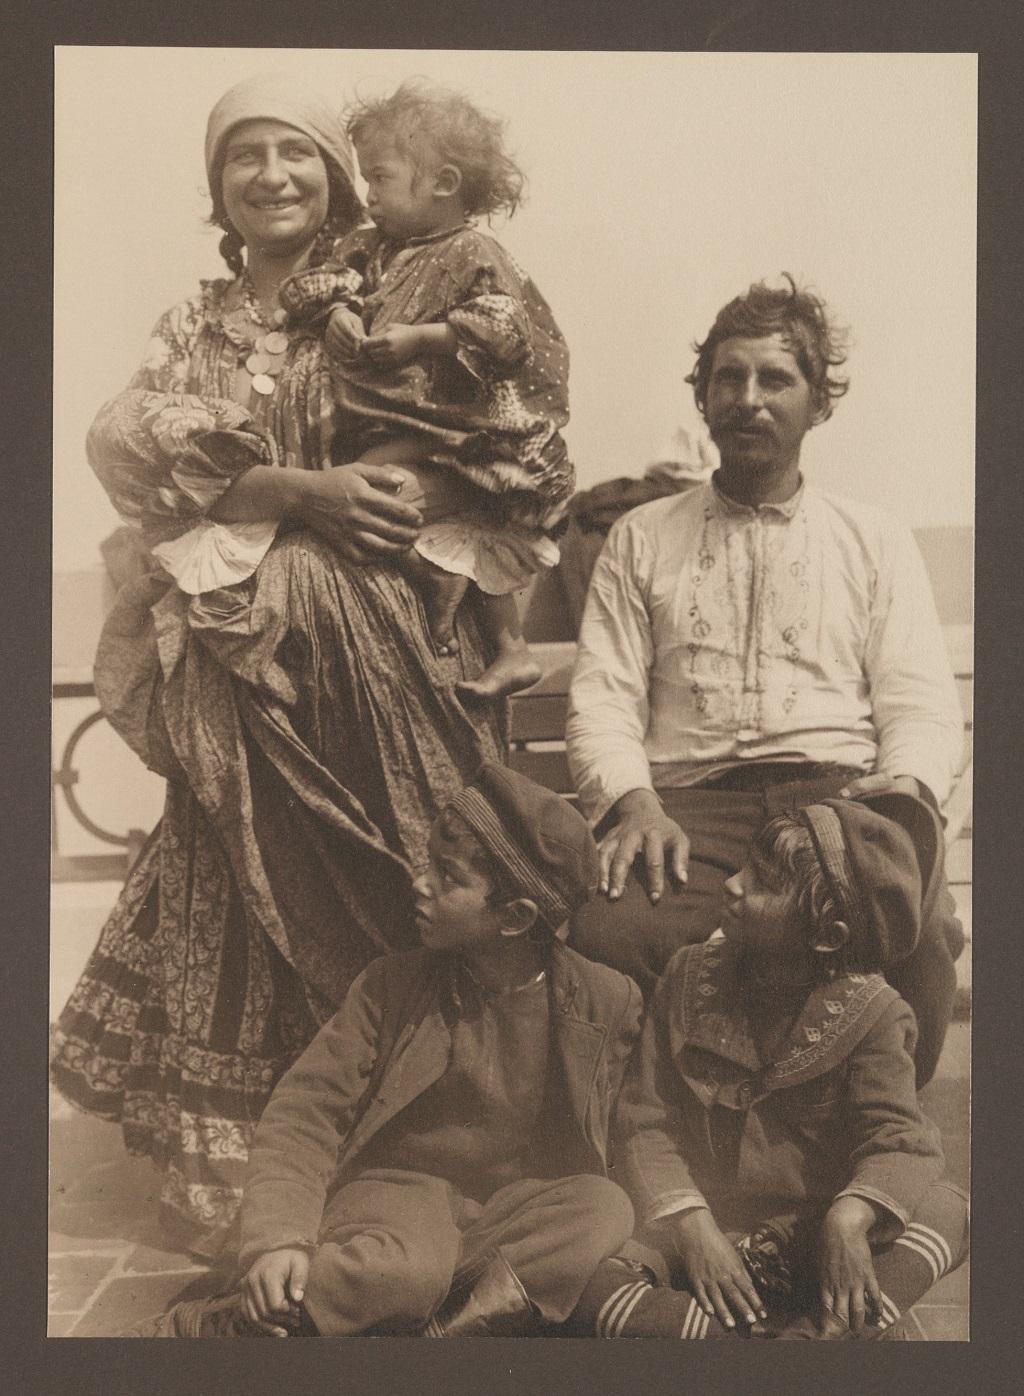 Famille tsigane photographiée après son arrivée à Ellis Island au début du XXe siècle. - - ©Augustus Sherman / The New York Public Library Digital Collections